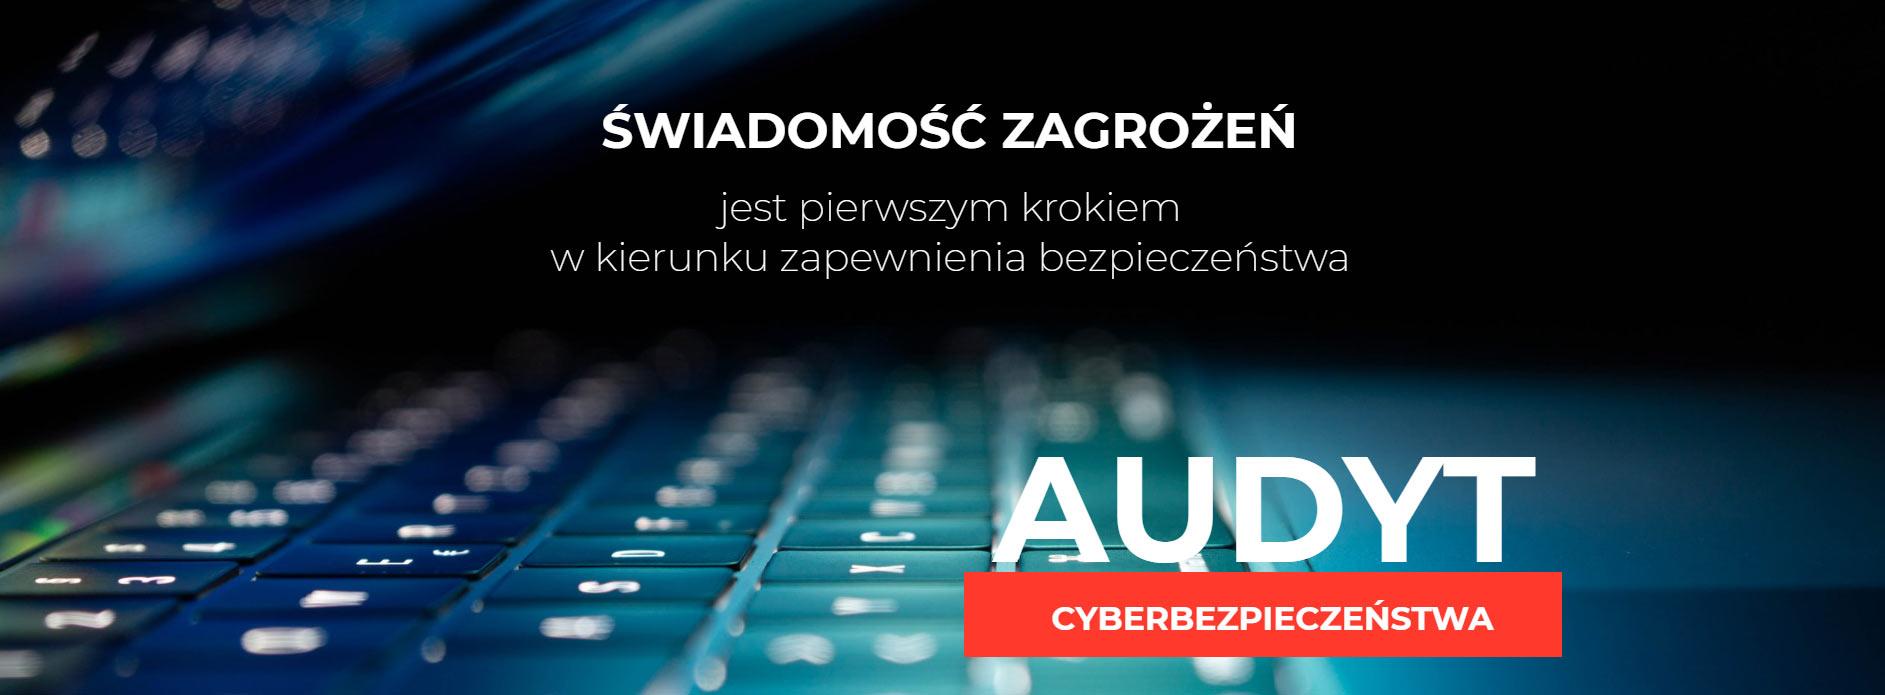 Audyt Cyberbezpieczeństwa